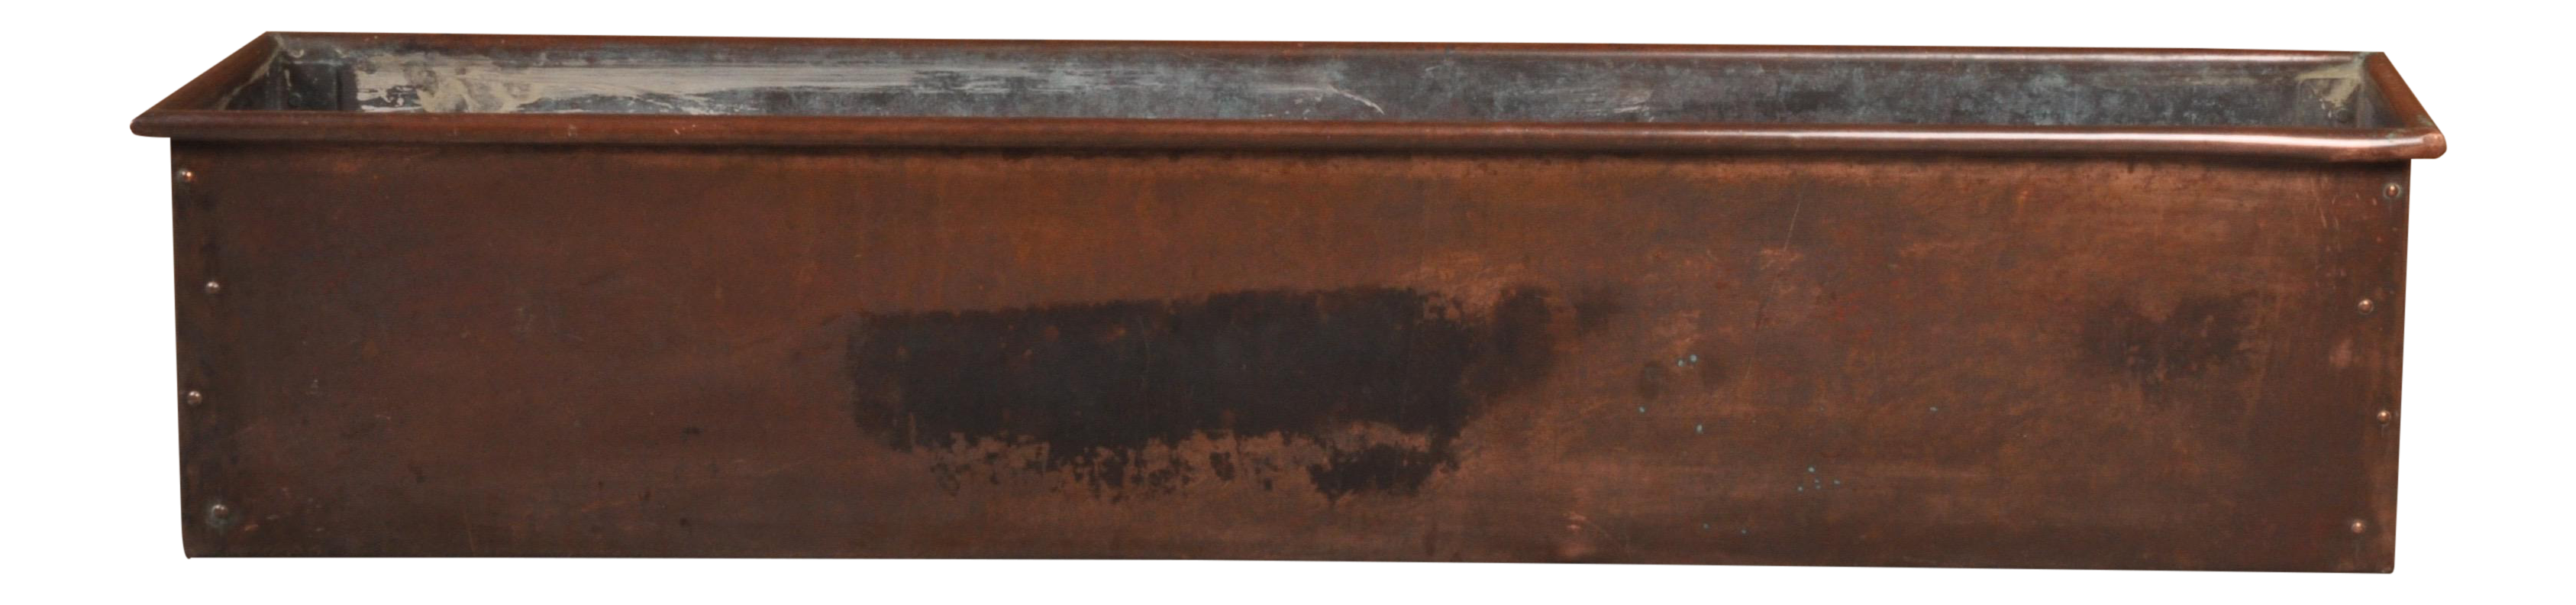 Mid 20th Century Copper Window Box Planter Chairish